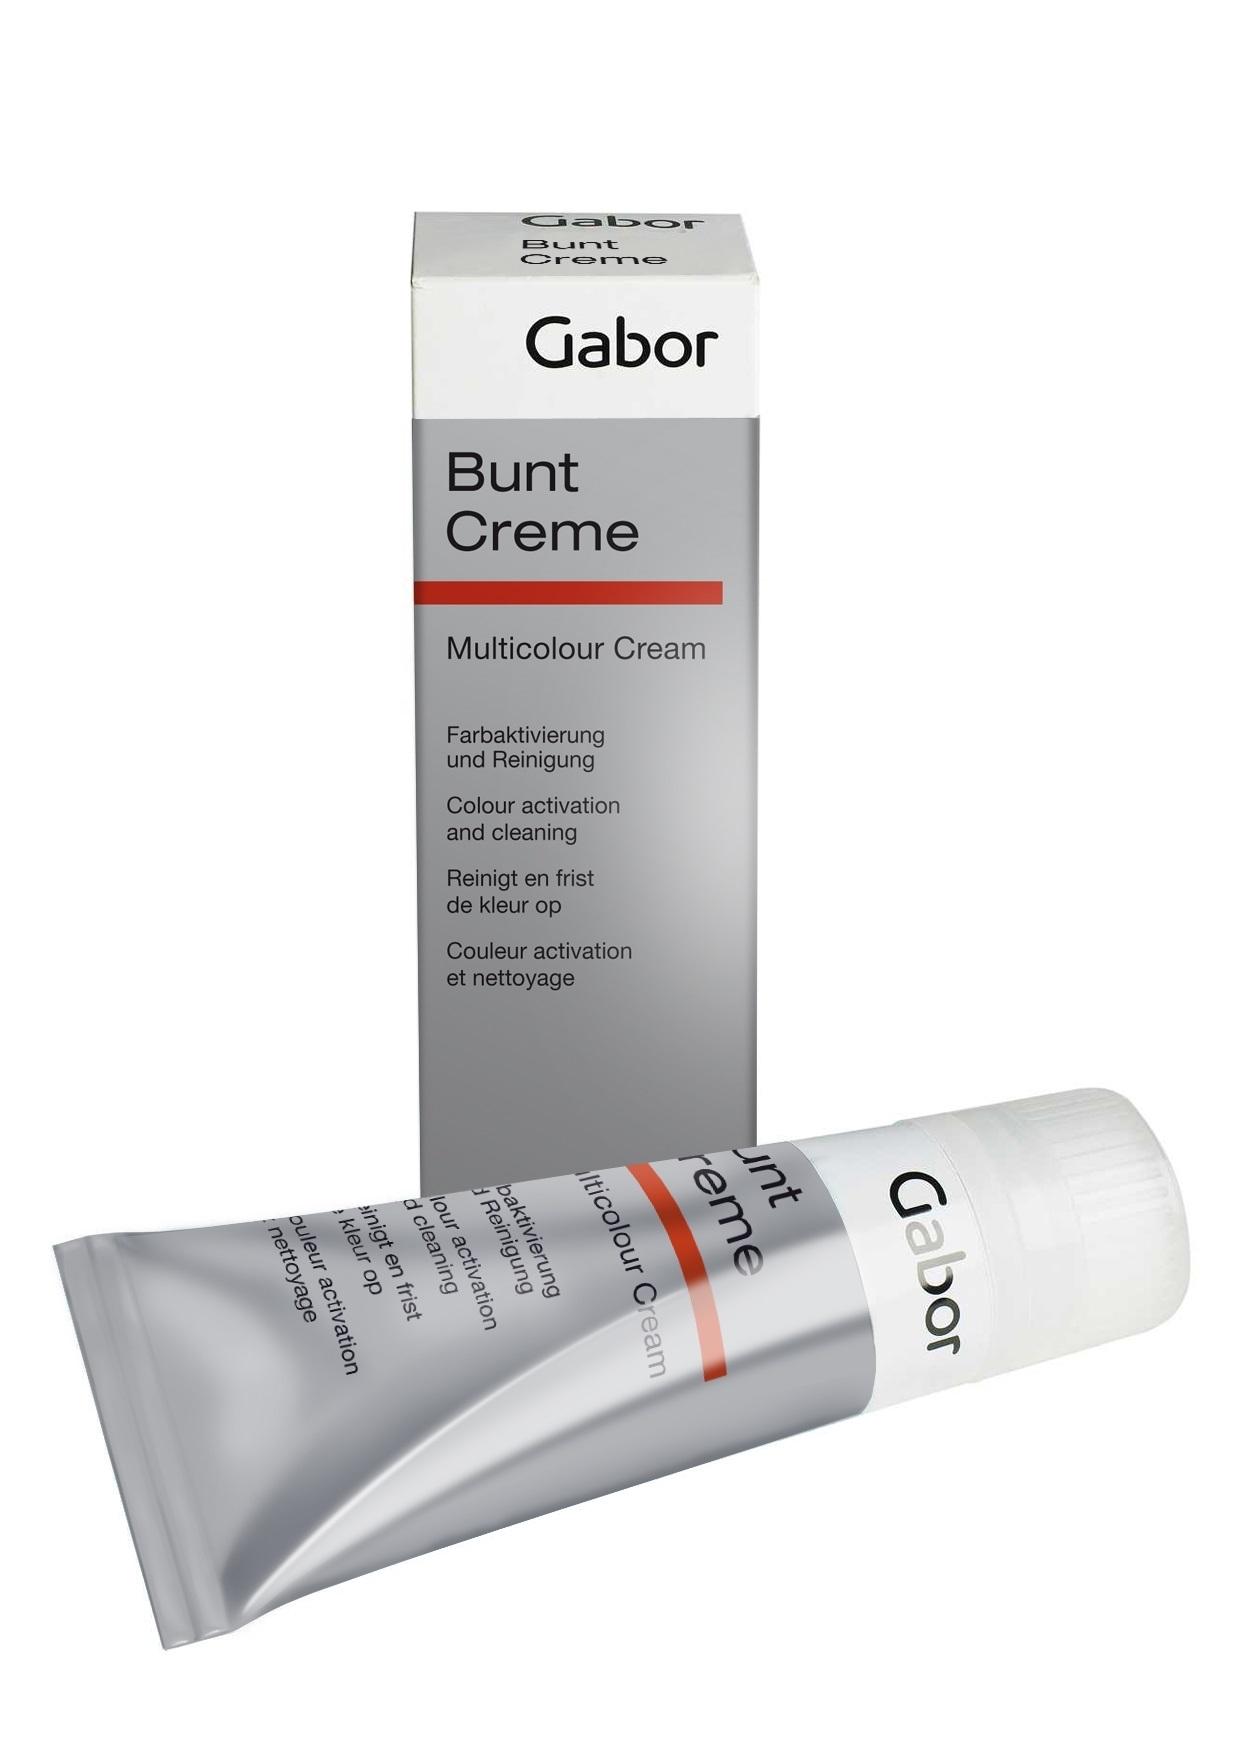 Gabor Schuhe Gaborshop 24 Gabor Bunt Creme 75ml 906660